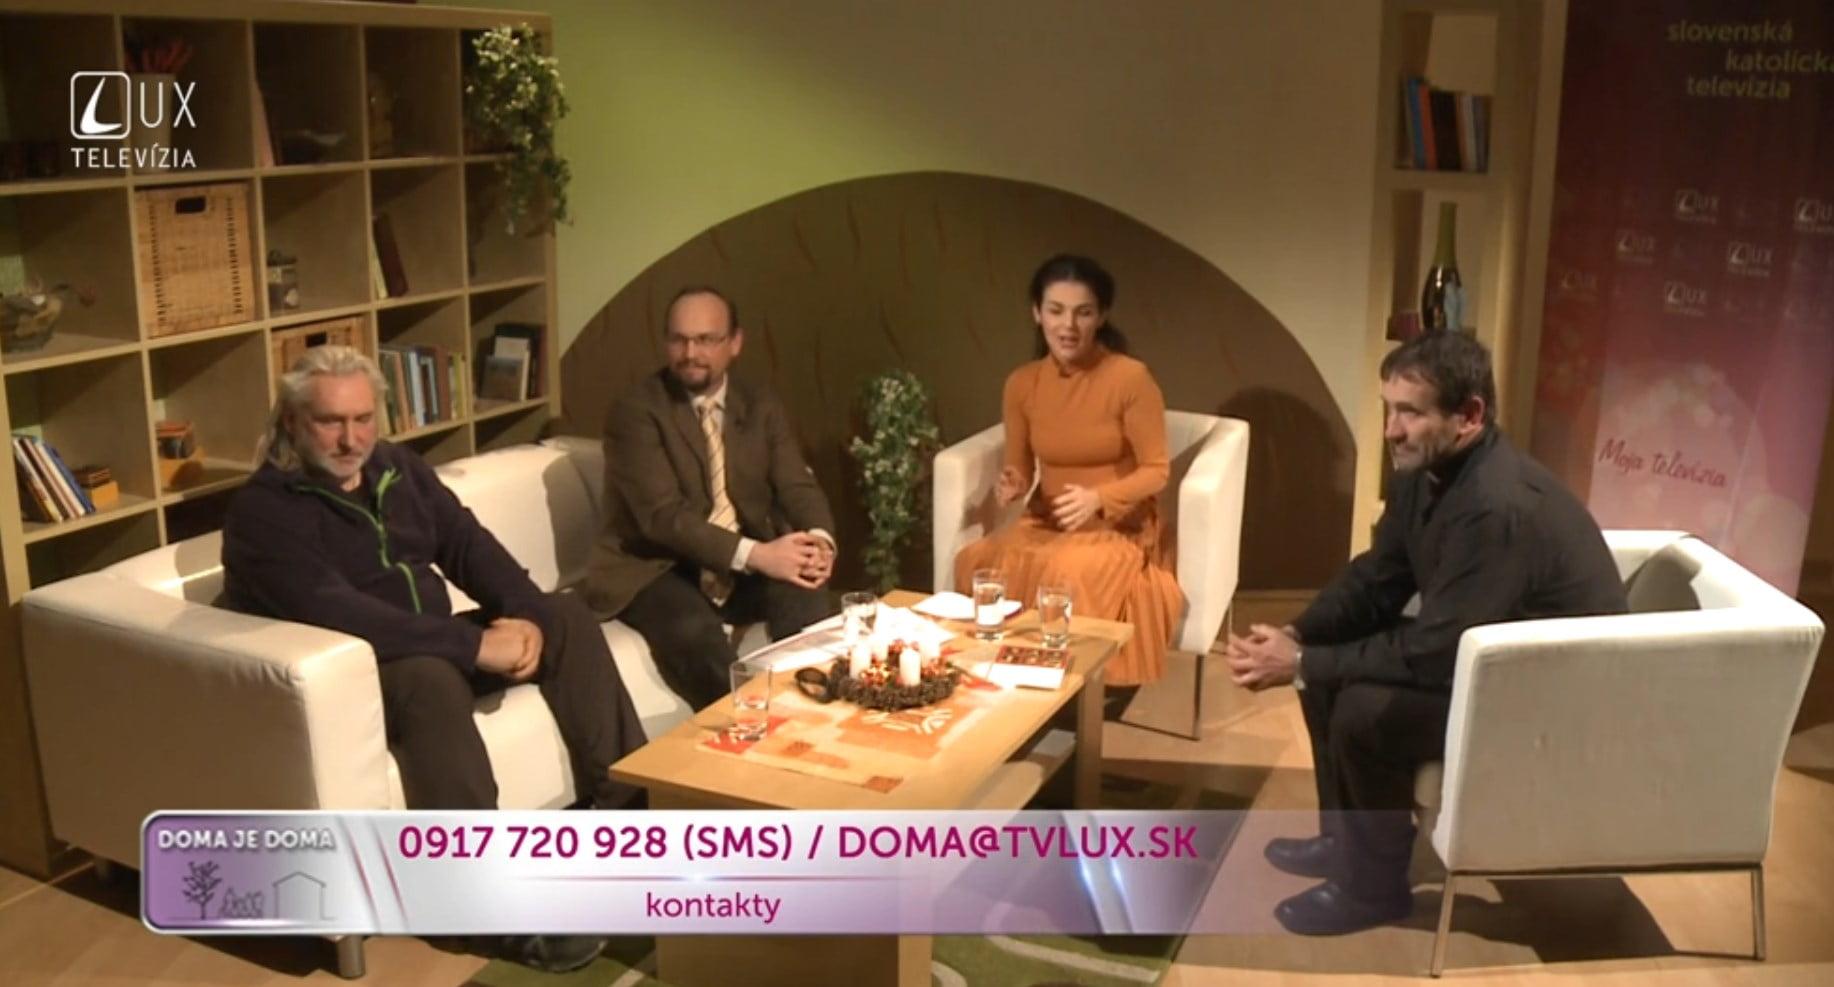 TV LUX – DOMA JE DOMA